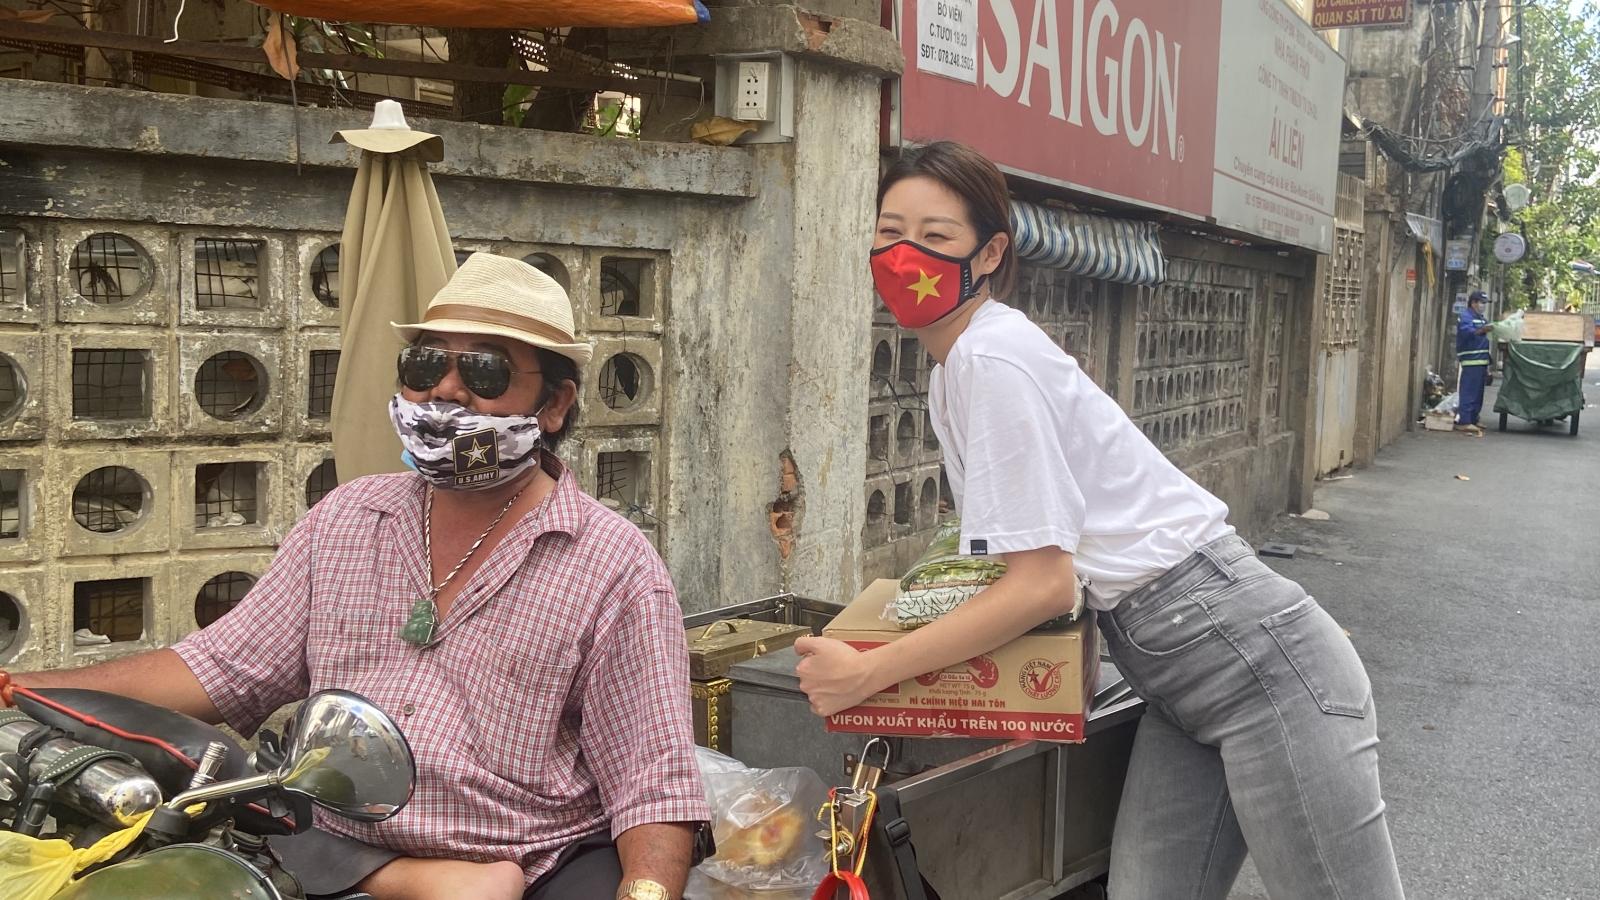 Hoa hậu Khánh Vân tặng quà cho người khuyết tật ở TP.HCM khó khăn do Covid-19